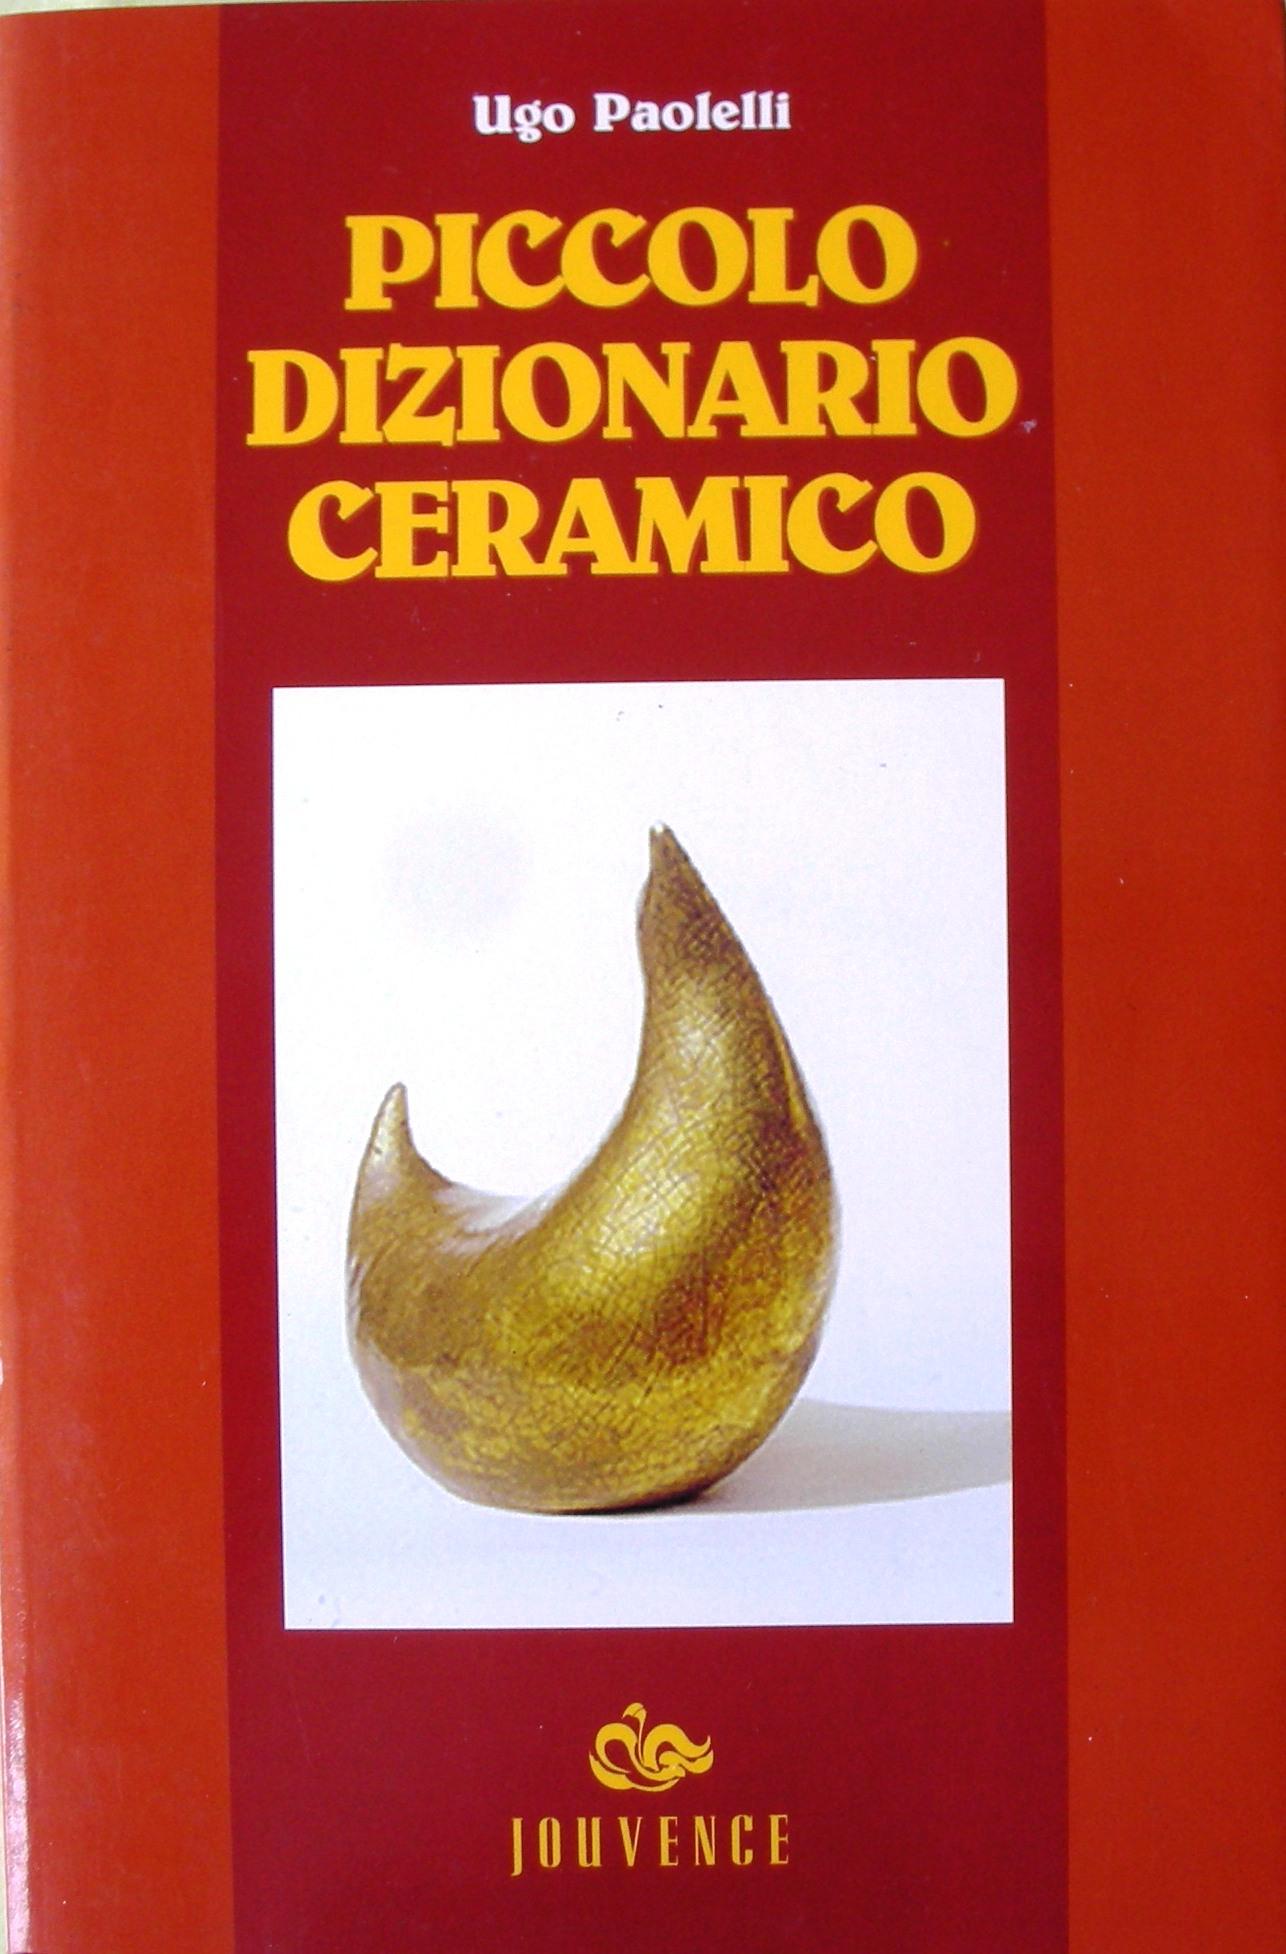 Piccolo dizionario ceramico